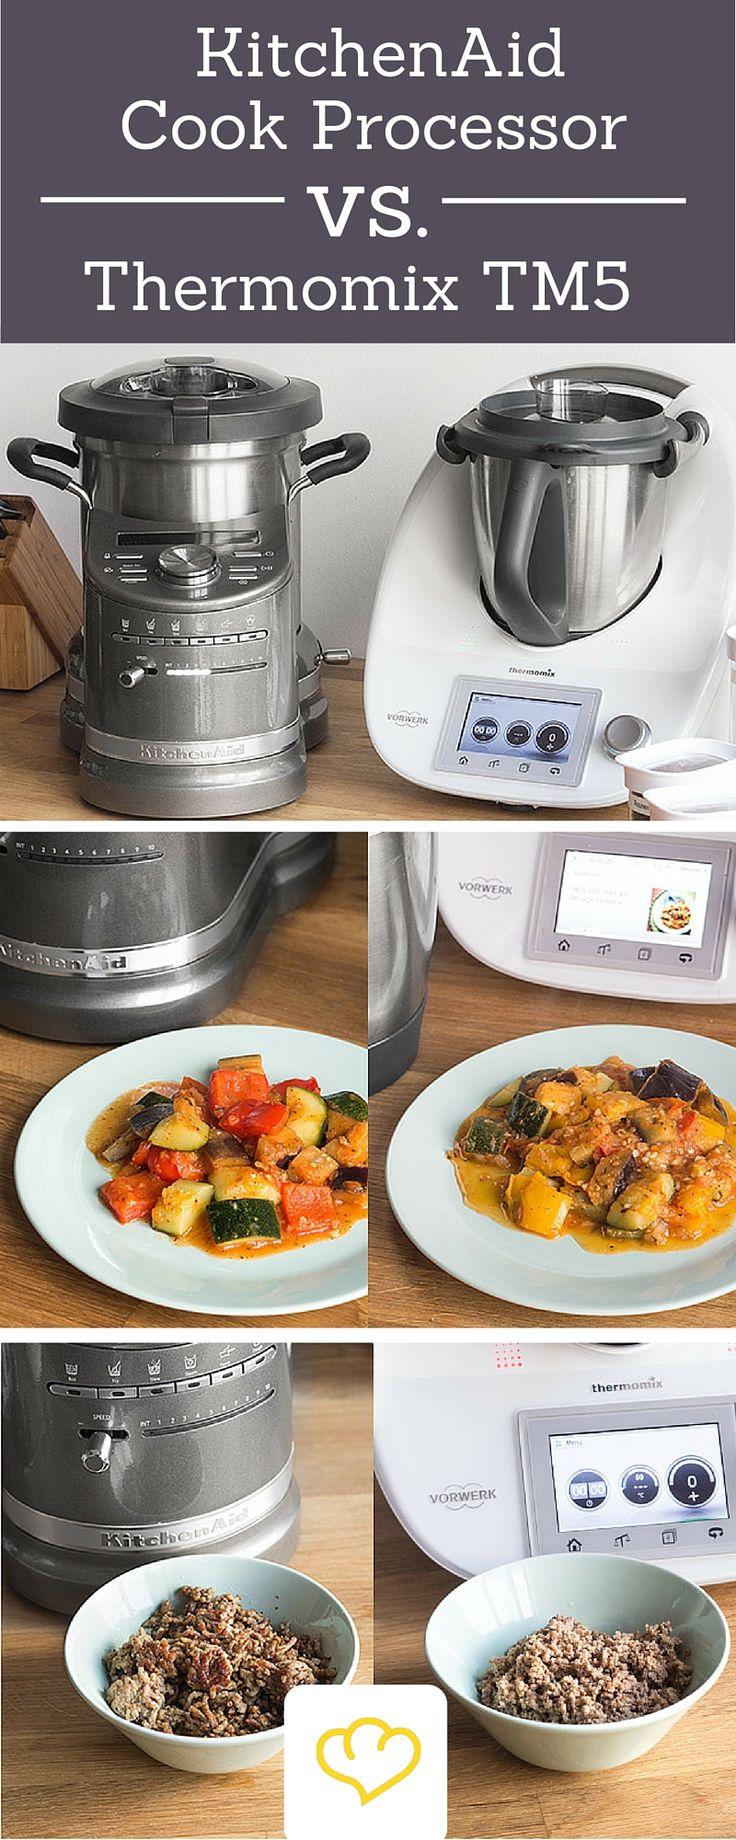 Mit dem KitchenAid Cook Processor bekommt der Thermomix TM5 einen neuen, ernstzunehmenden Konkurrenten. Wir haben die beiden Küchenmaschinen gegeneinander antreten lassen.